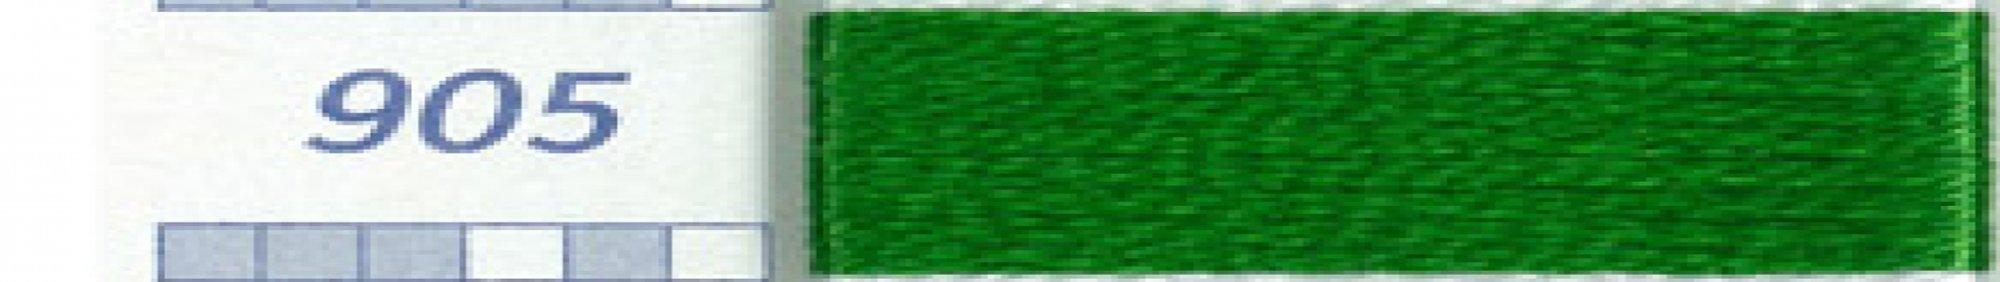 DP3-905-DK PARROT GREEN